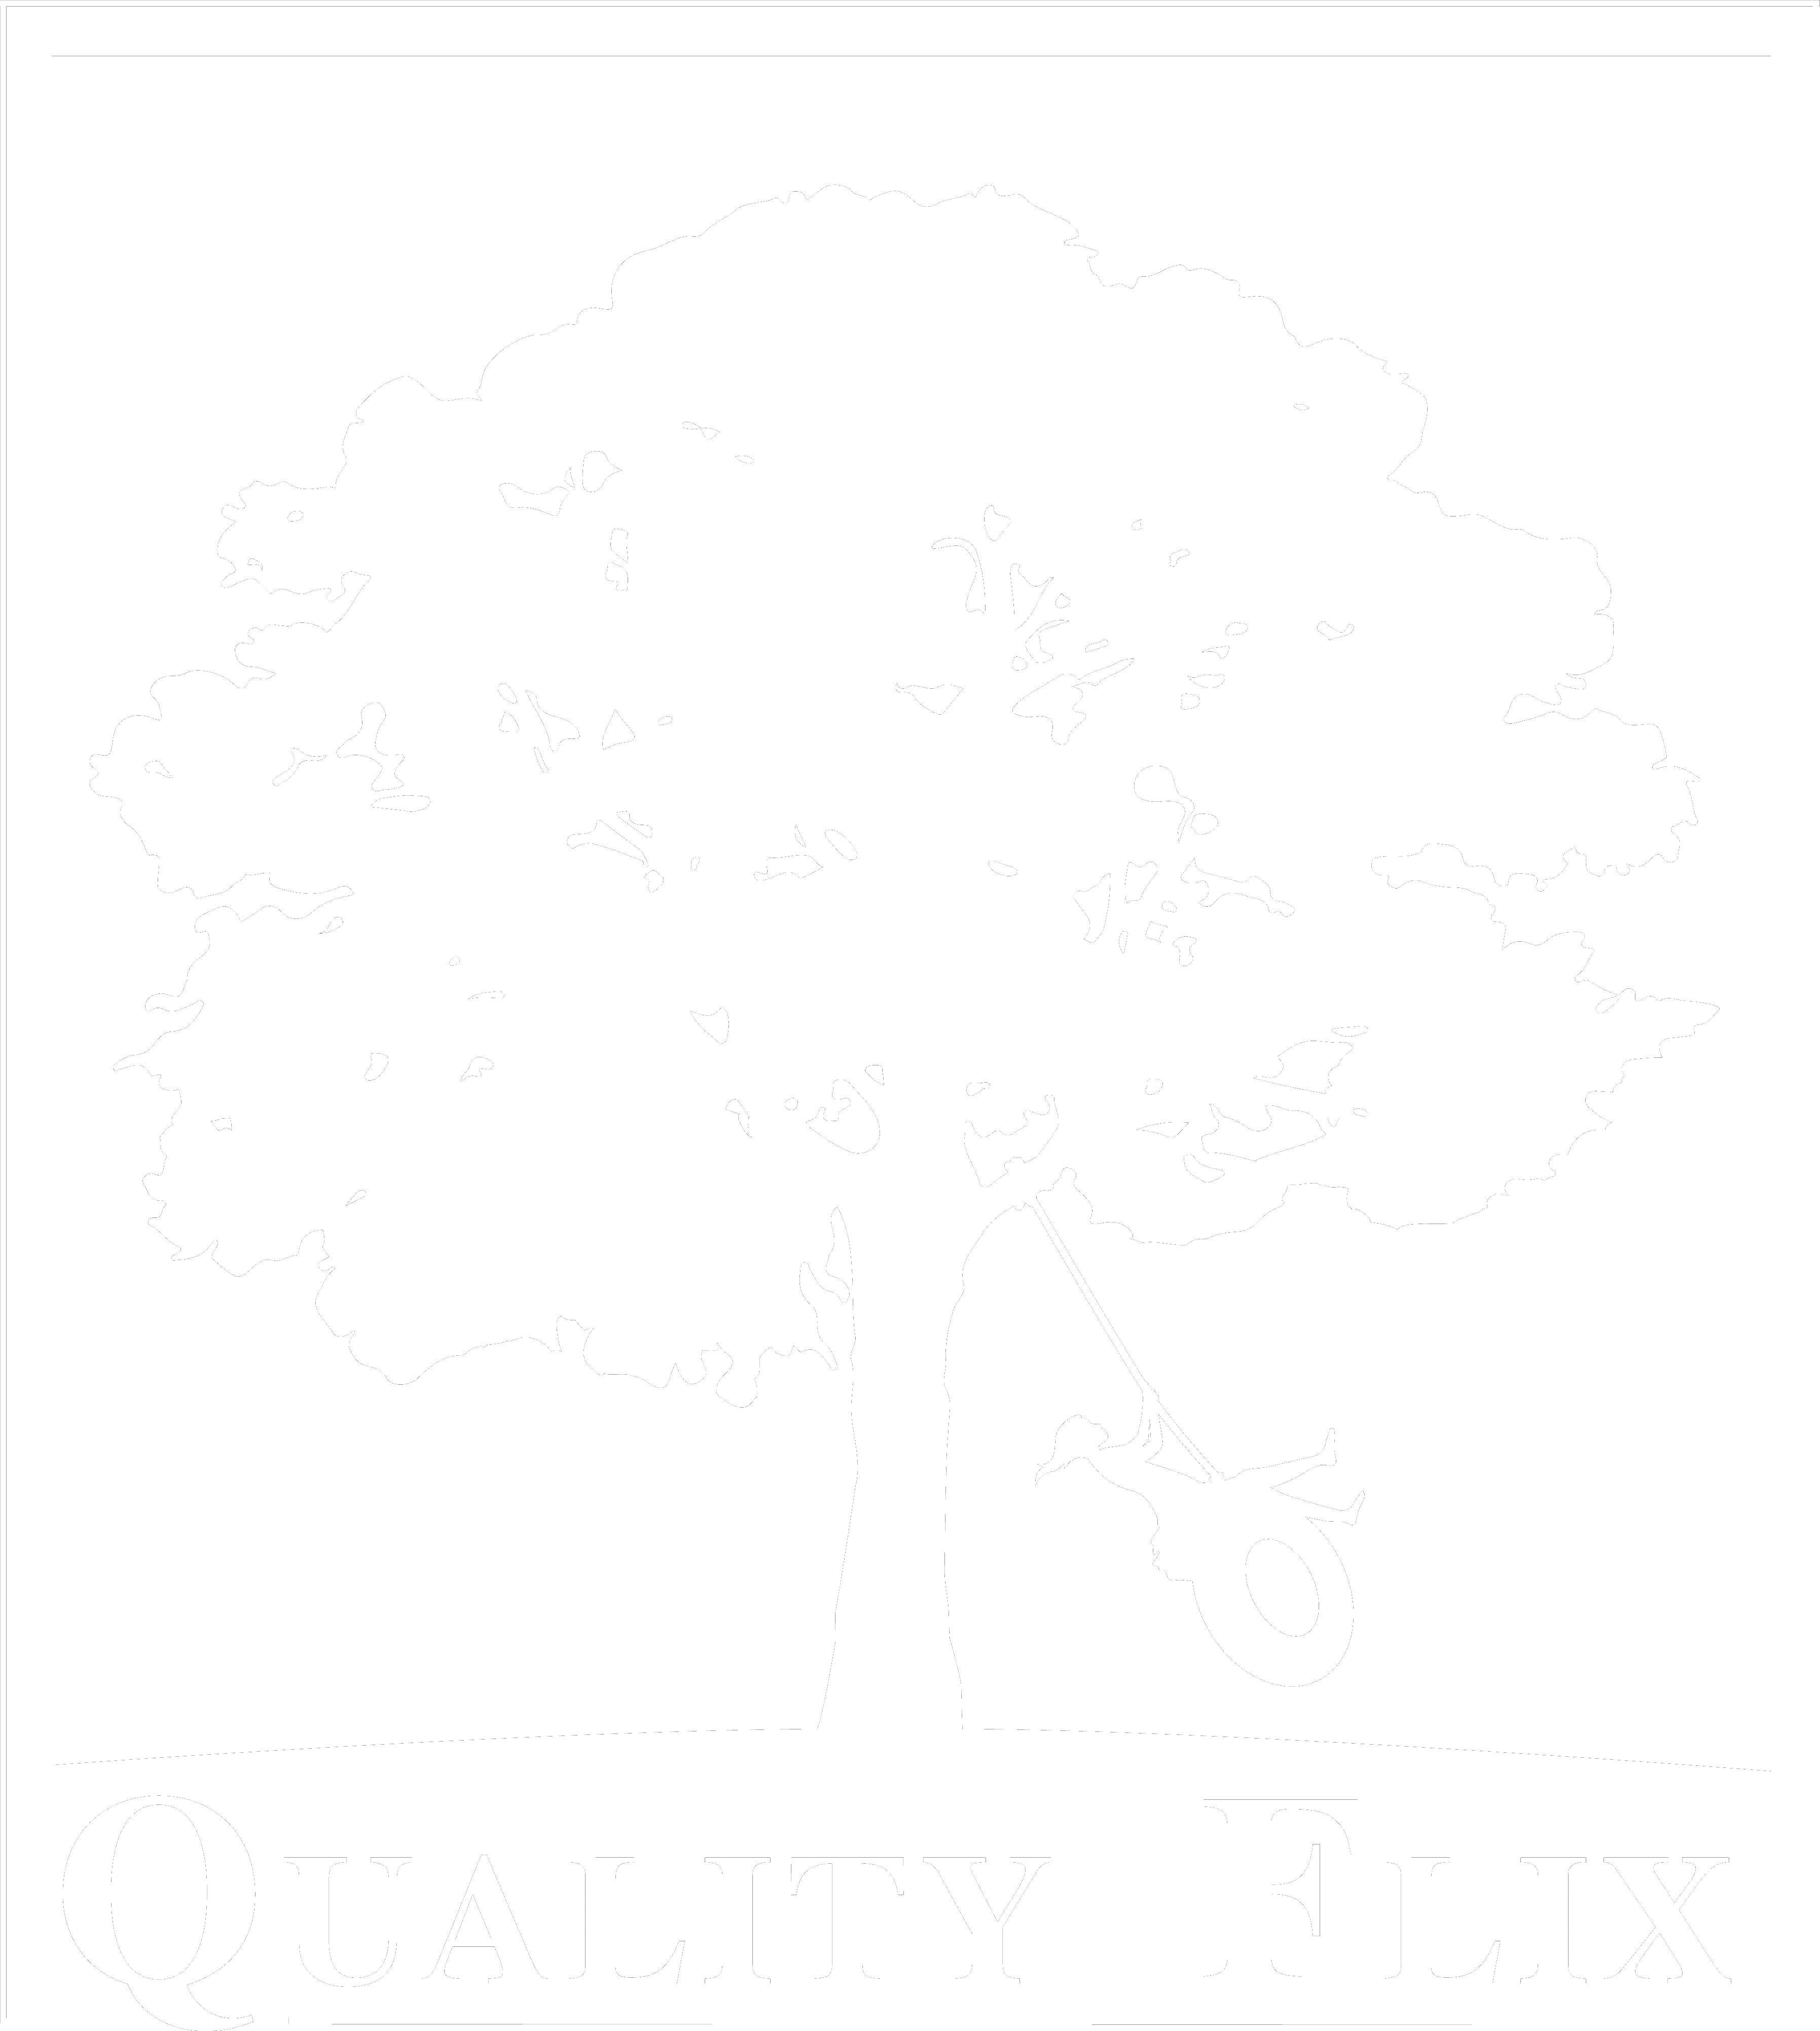 QualityFlix